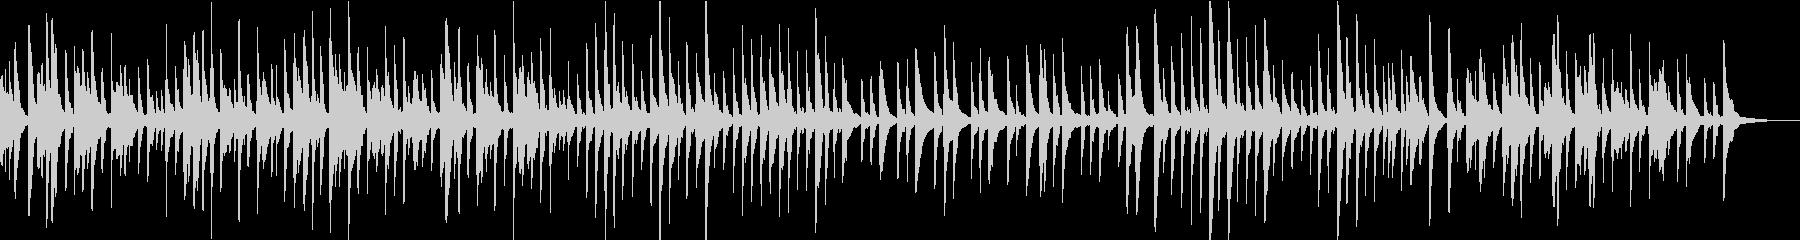 洋楽ピアノ 感動 切ない映像 チルアウトの未再生の波形